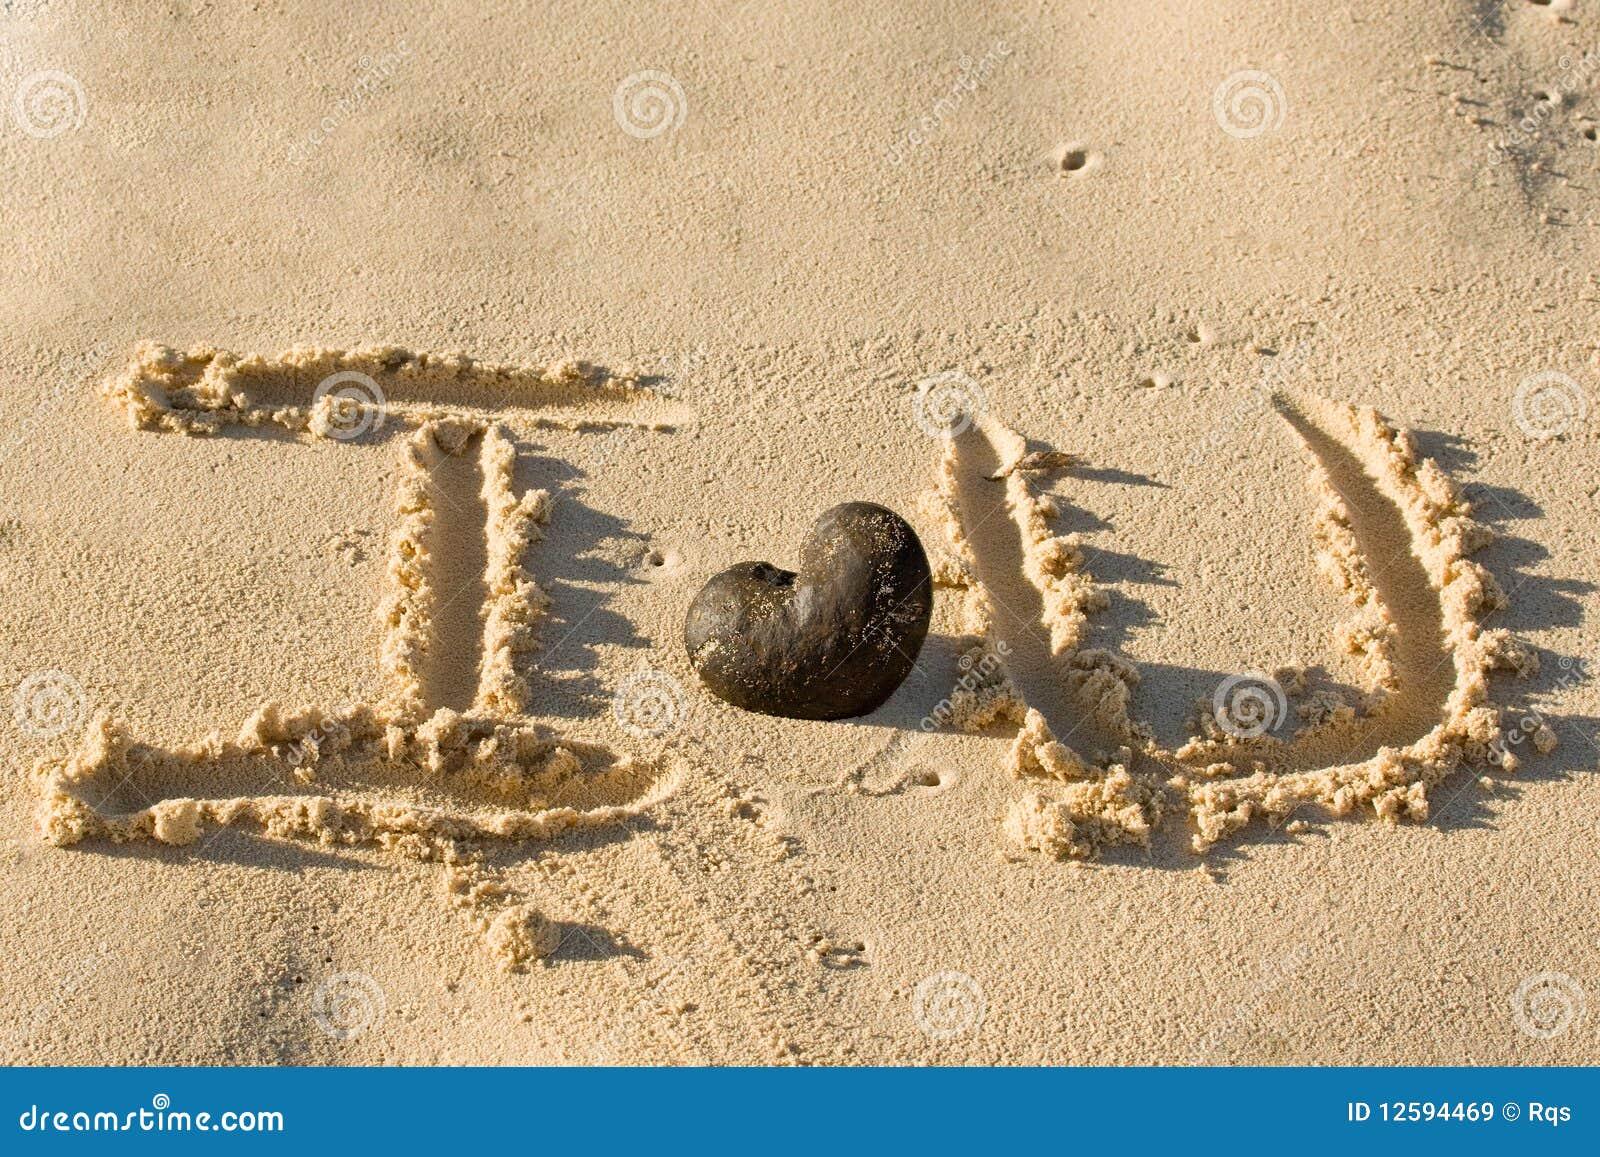 La Palabra Te Amo Escrito En La Arena: Las Palabras Te Amo Writed En La Playa De La Arena